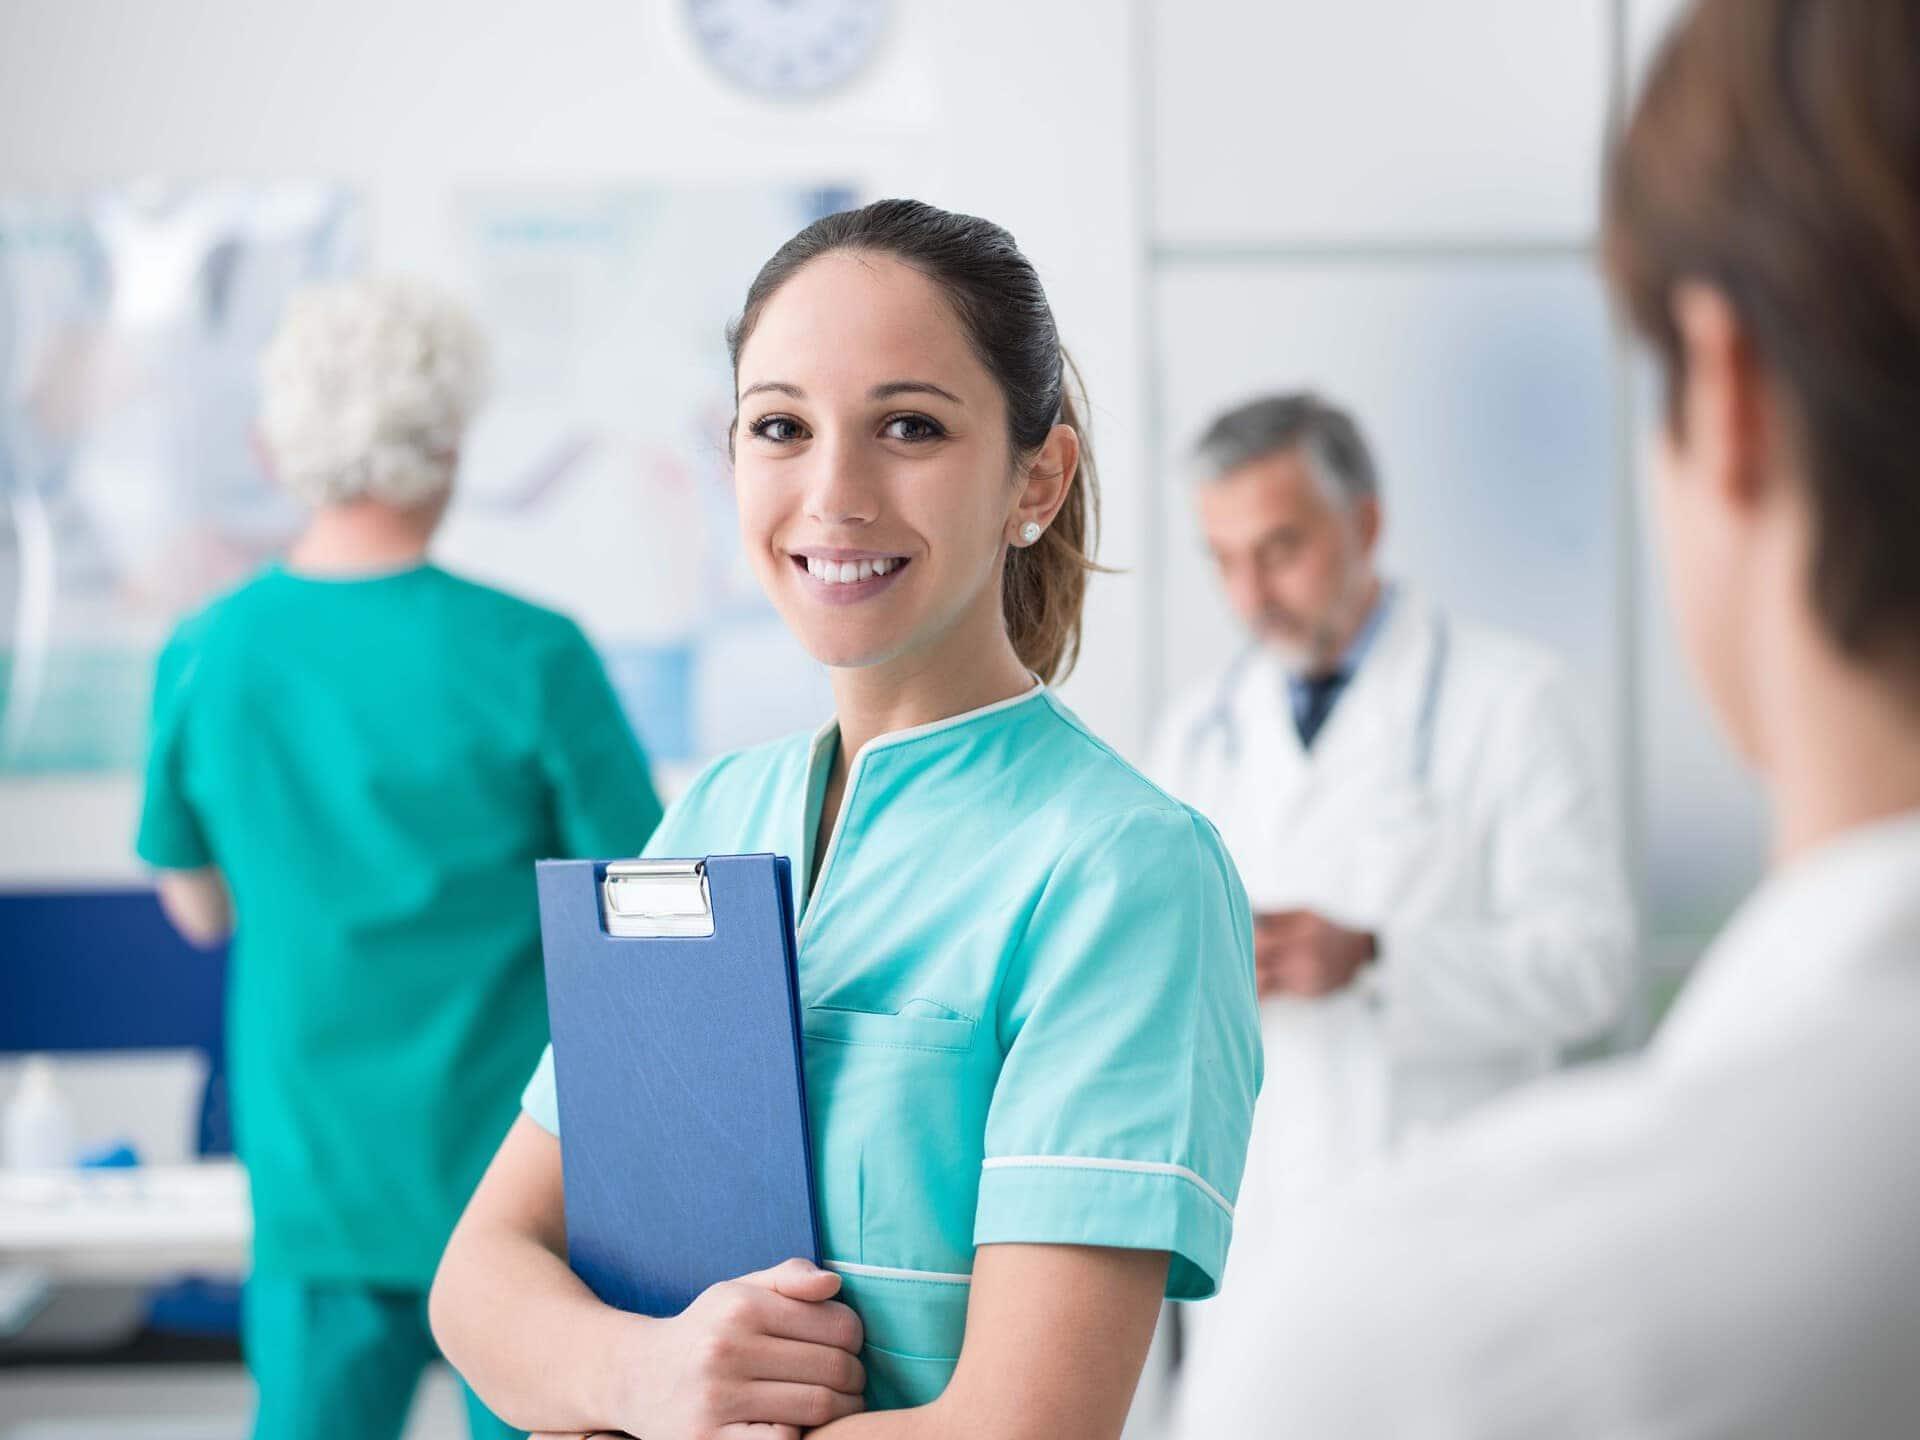 Jobmesse Gesundheit 2019 an der Universität Regensburg Messe zur Bekämpfung des Pflegenotstandes in der Region am 20. und 21. September